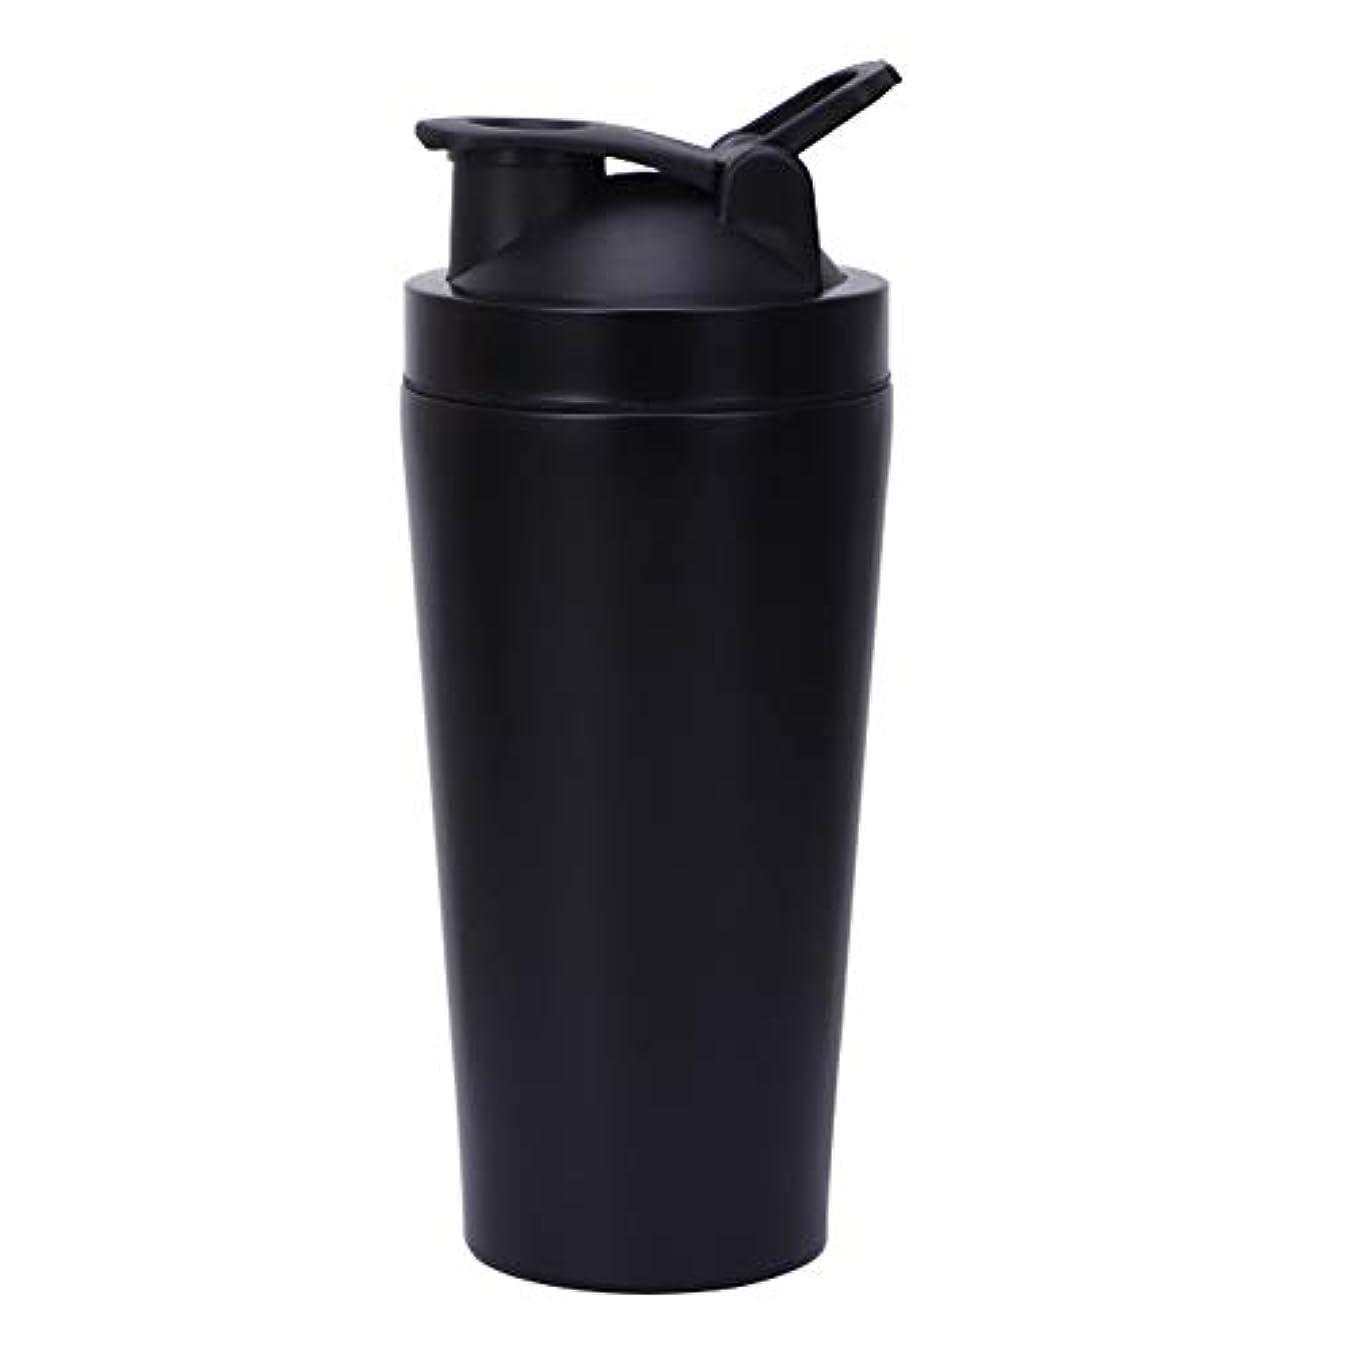 開拓者本質的ではないシリアルDkhsyシェーカーボトルステンレスシェーカーボトルホーム絶縁シェーカーボトルフィットネスシェーカーボトル